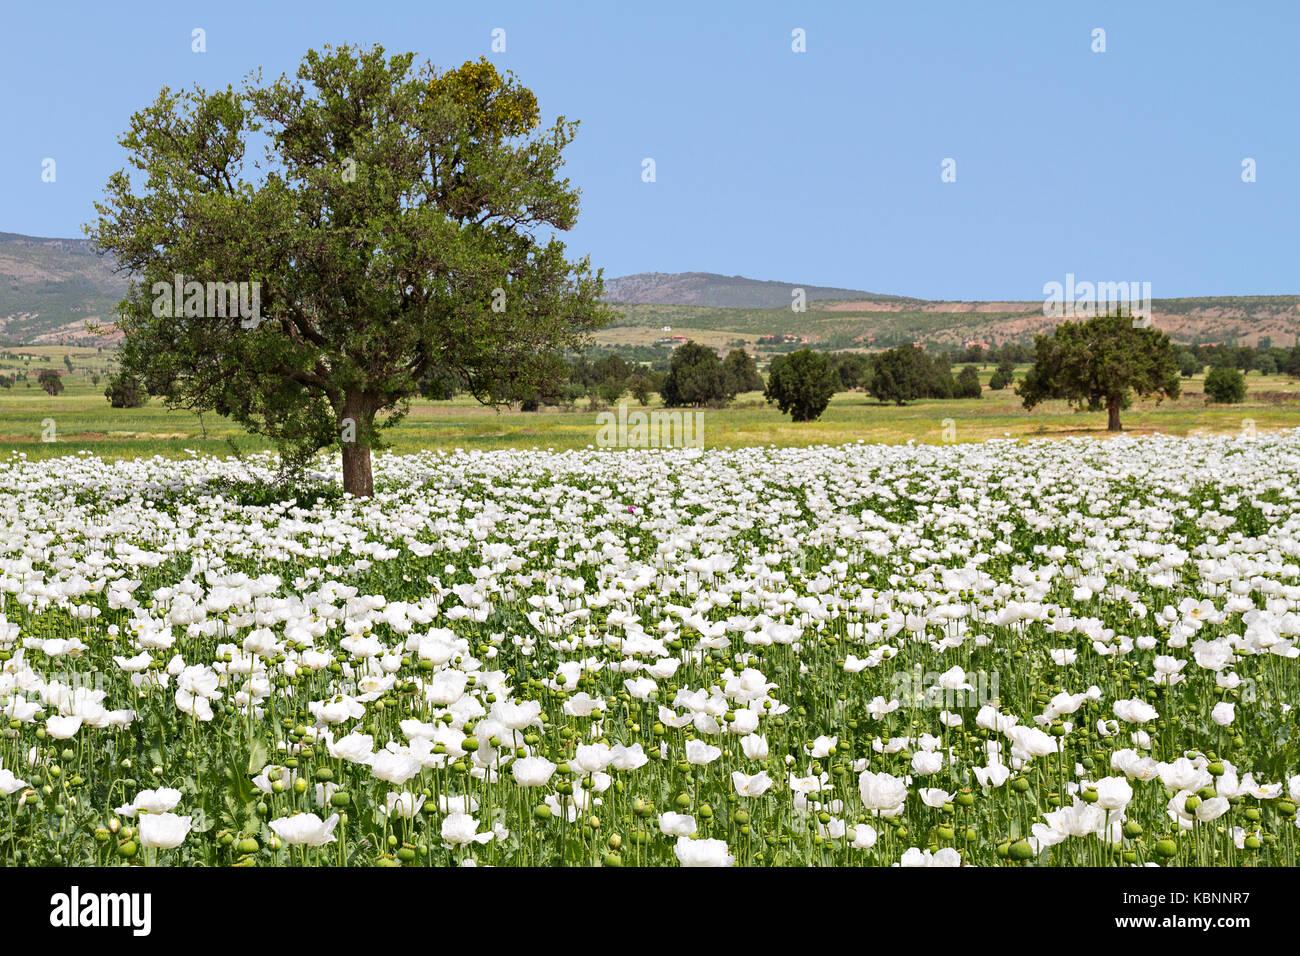 Opium poppy fields in turkey stock photo 162132635 alamy mightylinksfo